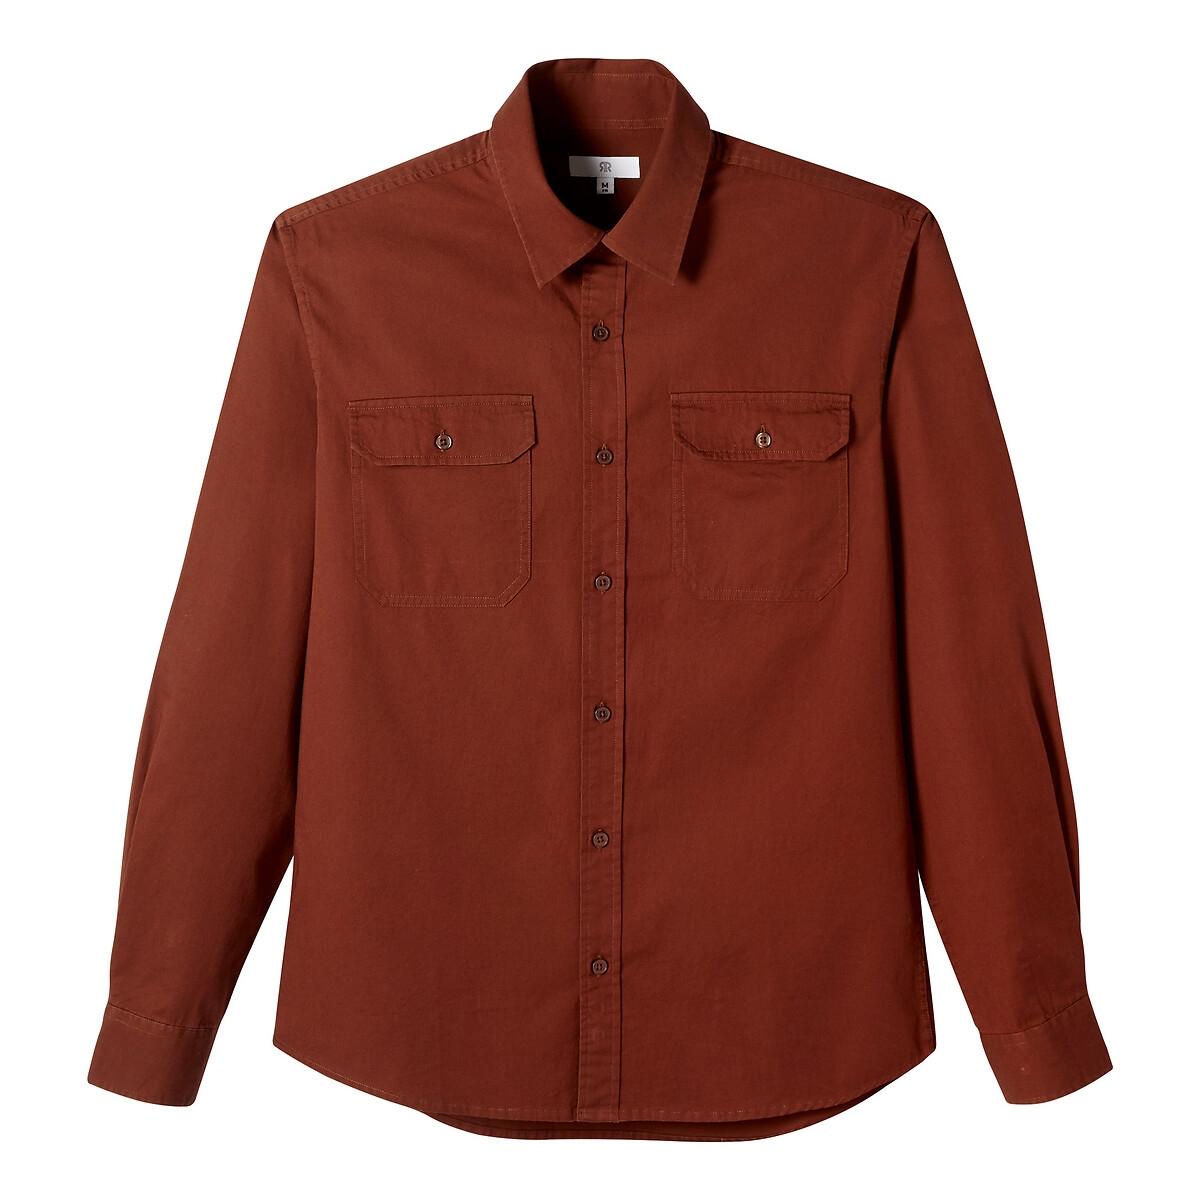 Camisa direita, bolsos no peito, mangas compridas